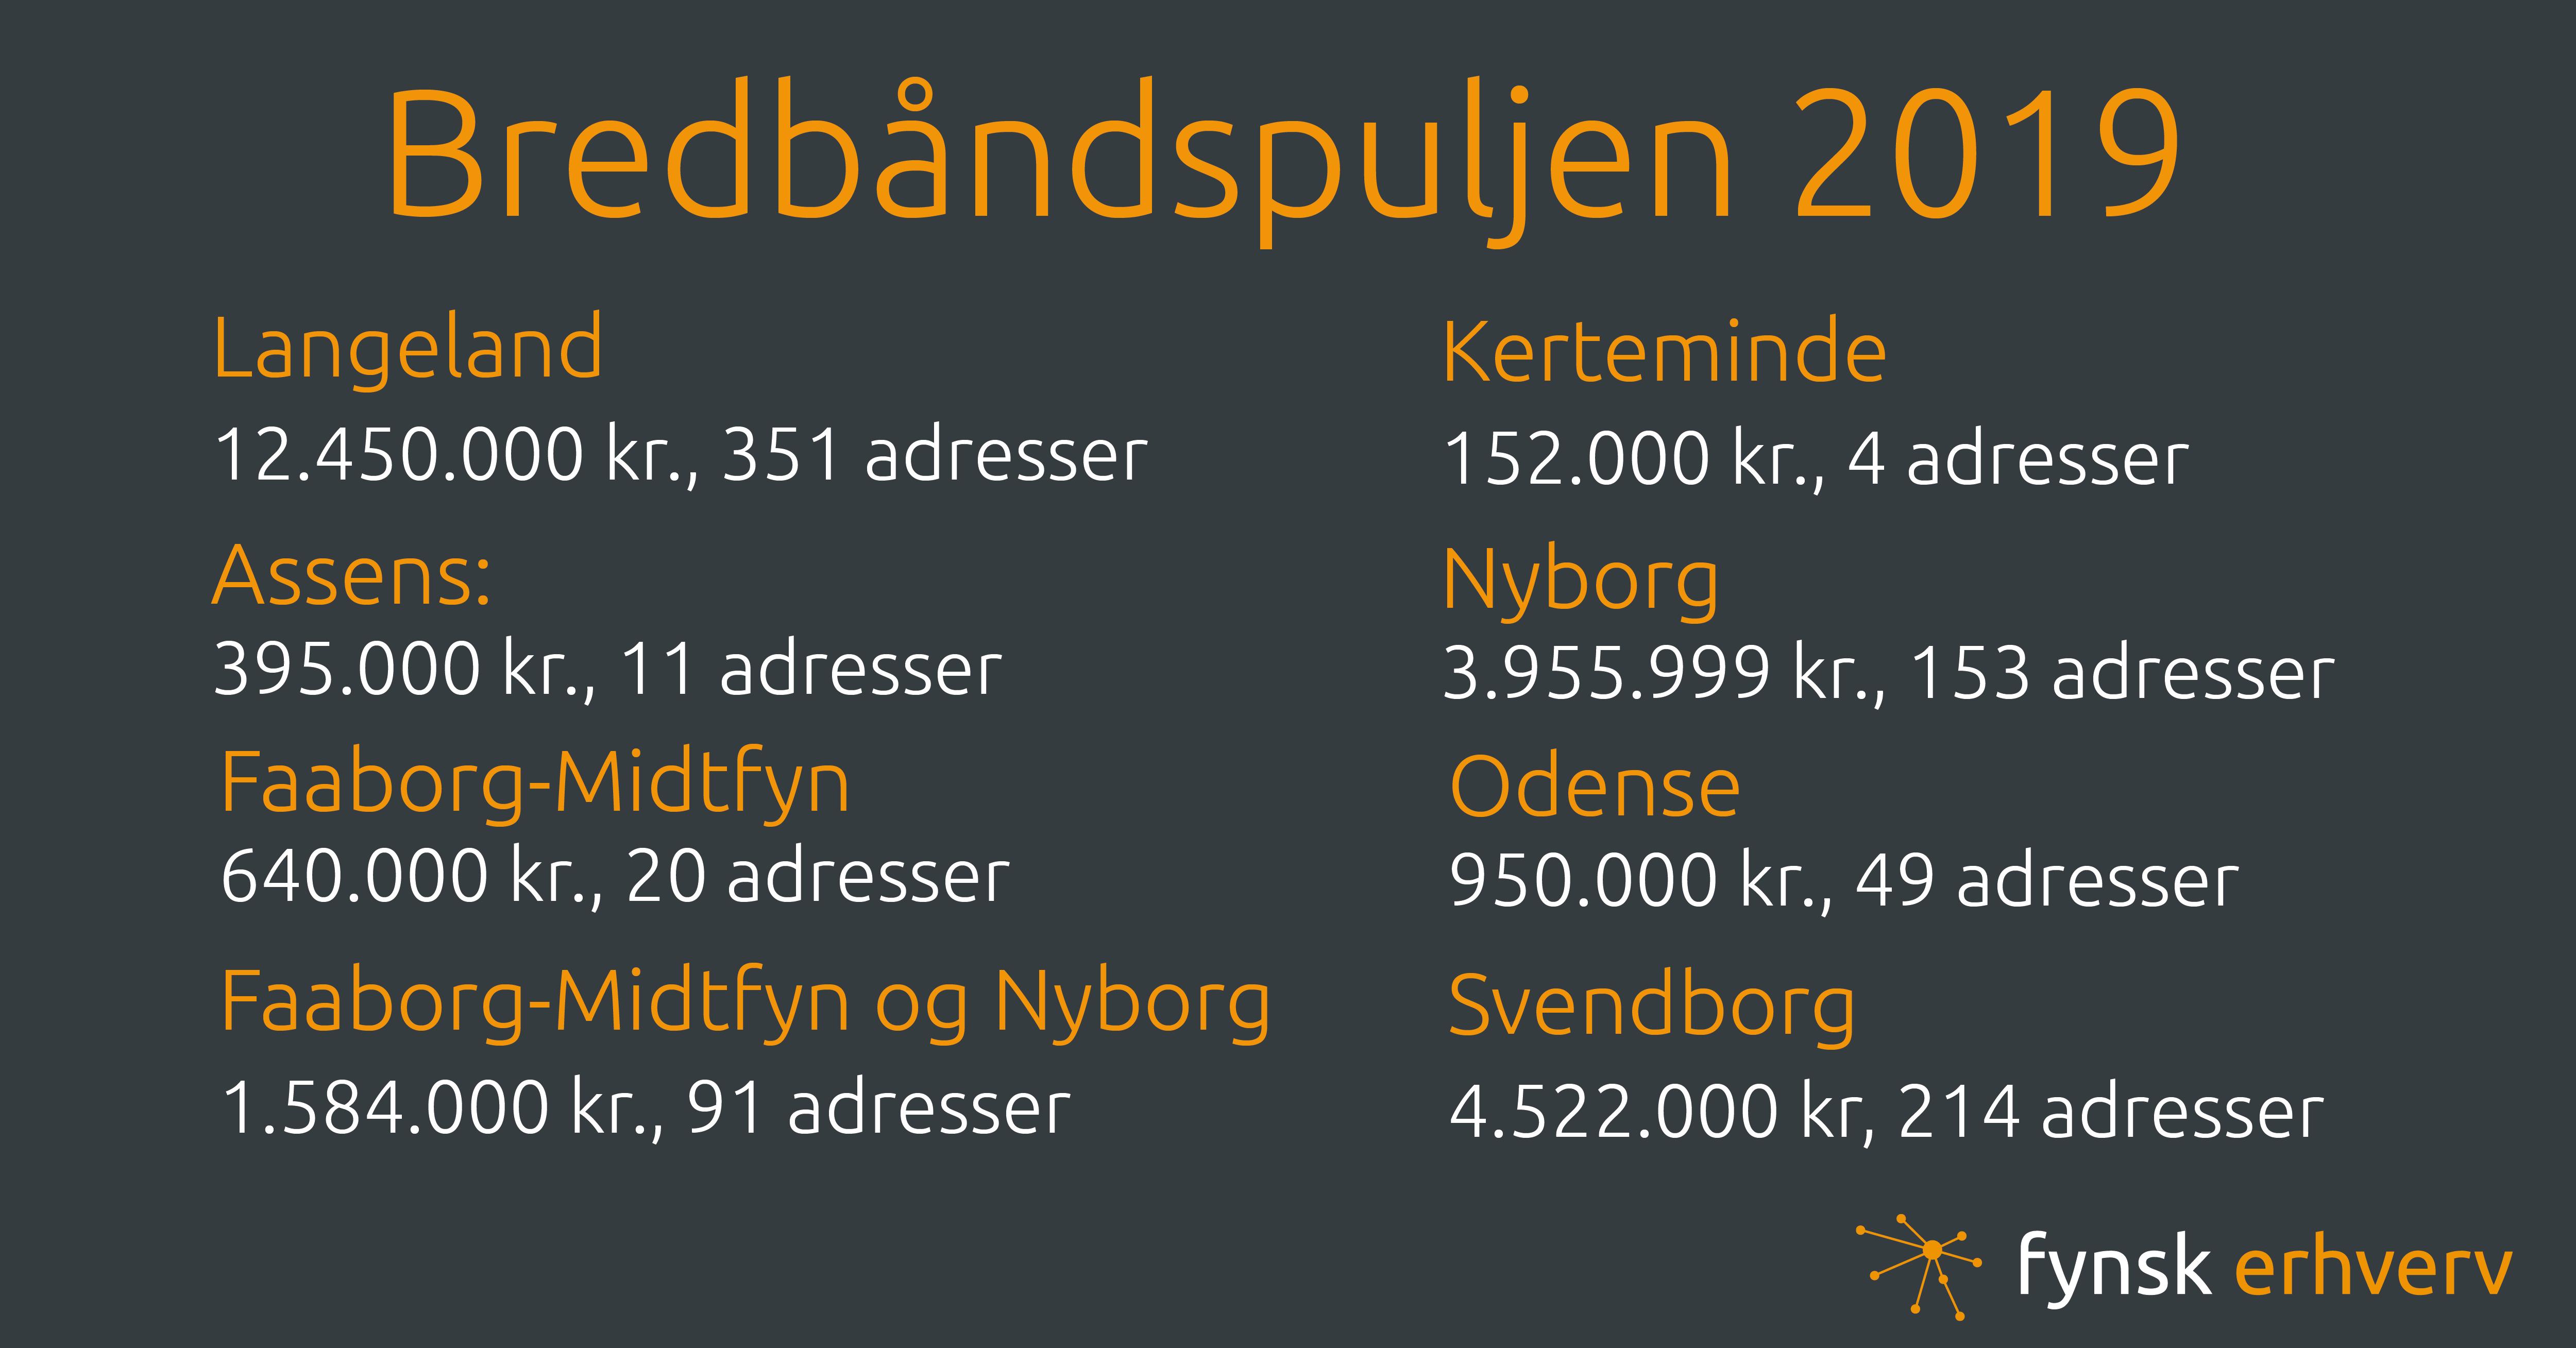 bredbåndspuljen pr kommune 2019